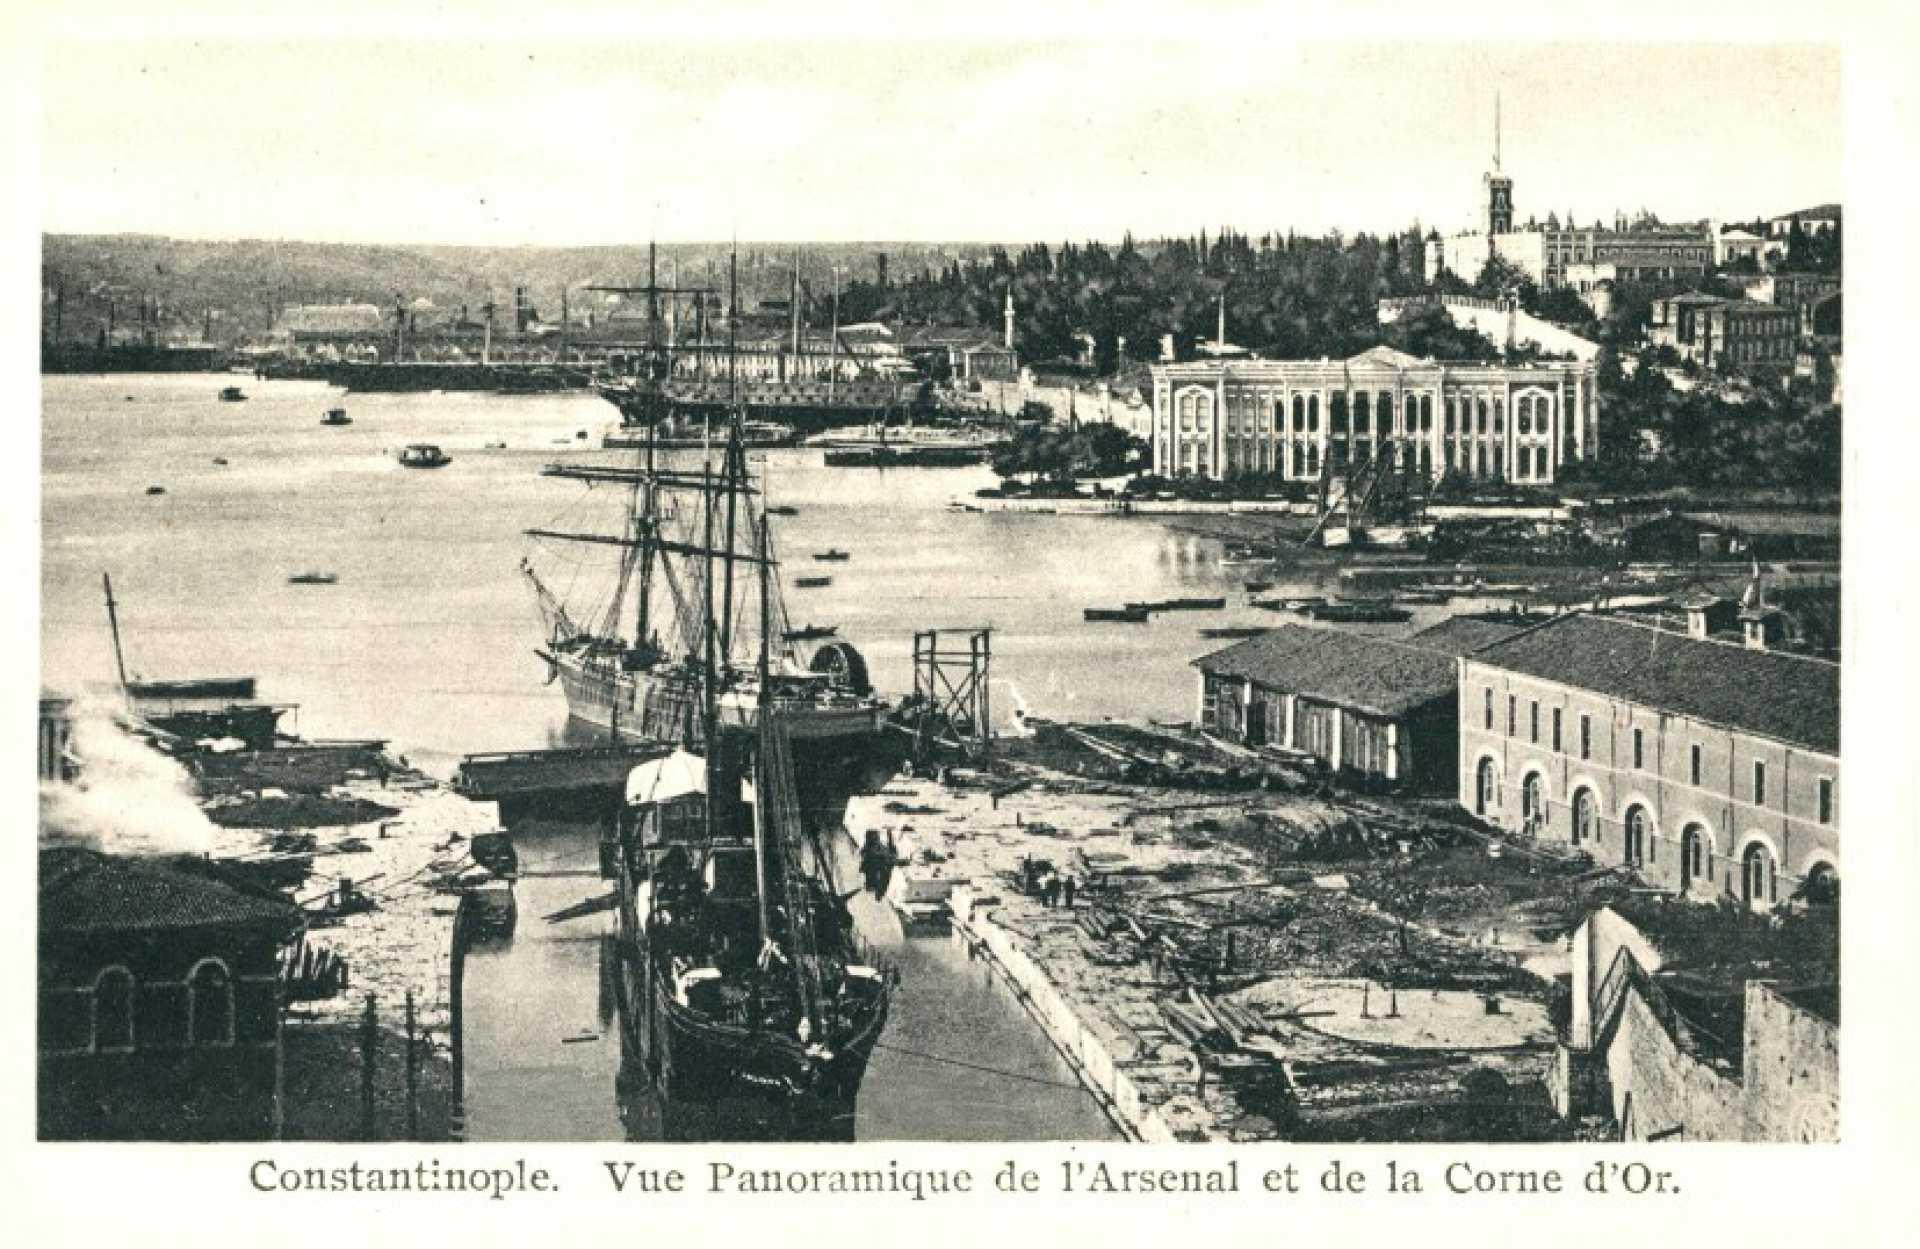 Constantinople. Vue Panoramique de l'Arsenal et de la Corne d'Or.